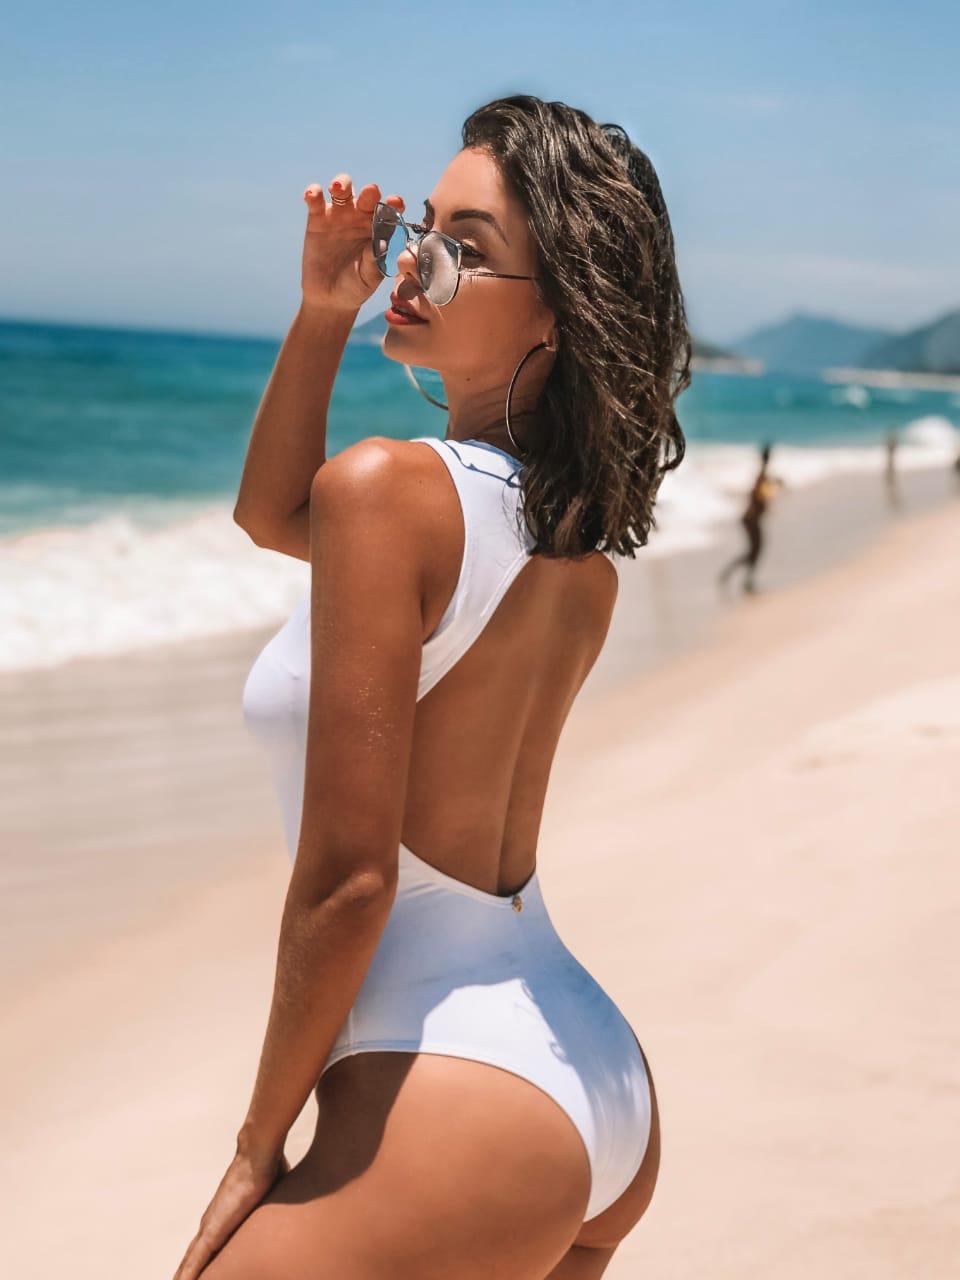 d291f643e Maiô Nadador Branco - Belazary - Moda Praia em Goiânia - Biquíni ...